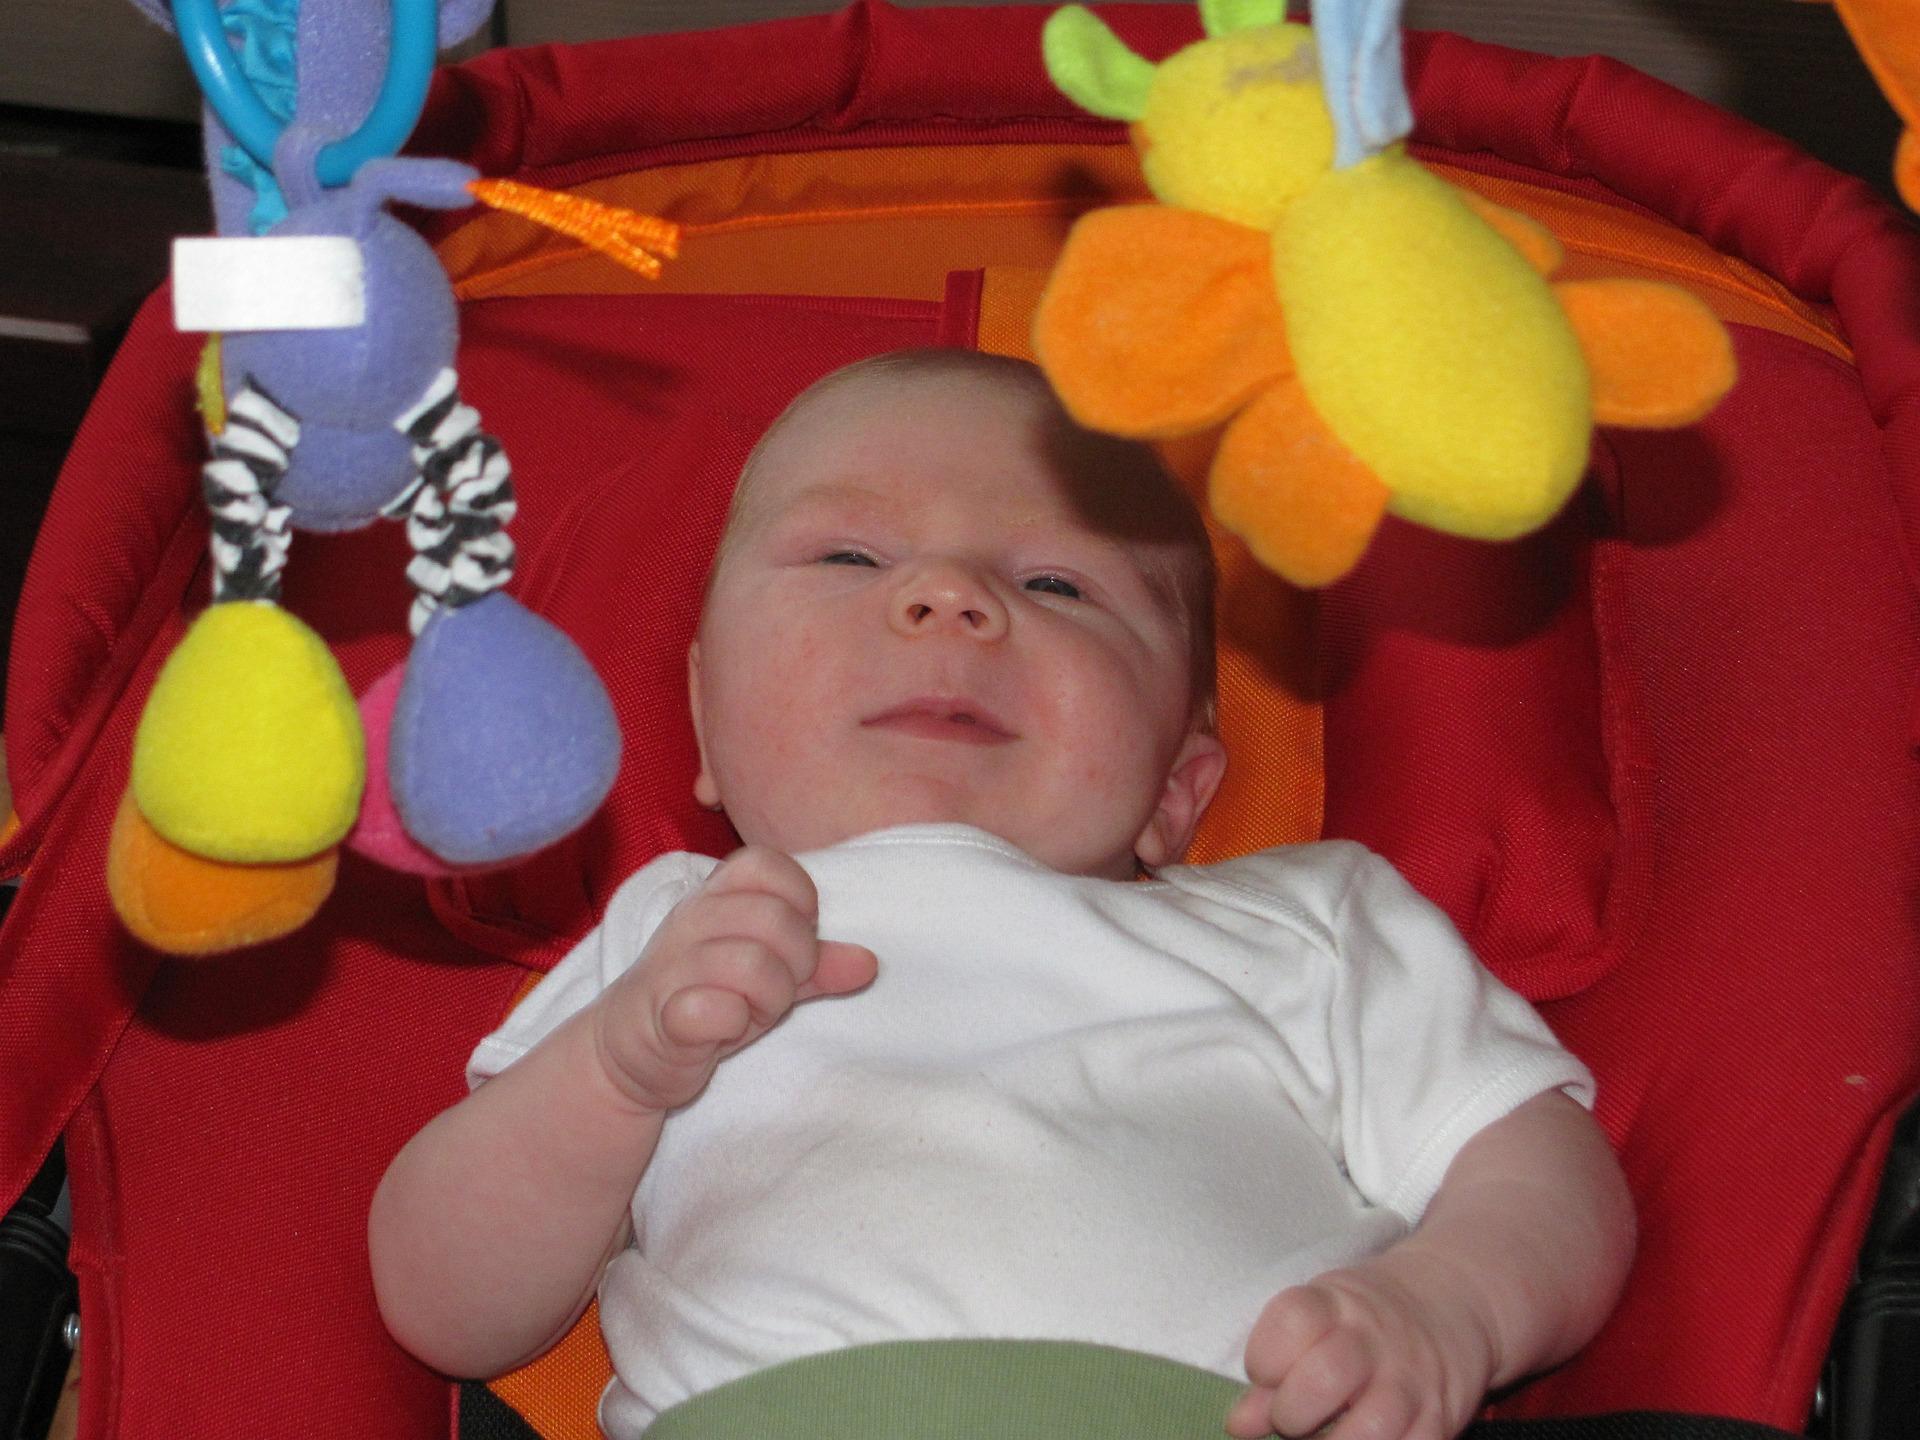 baby-453276_1920